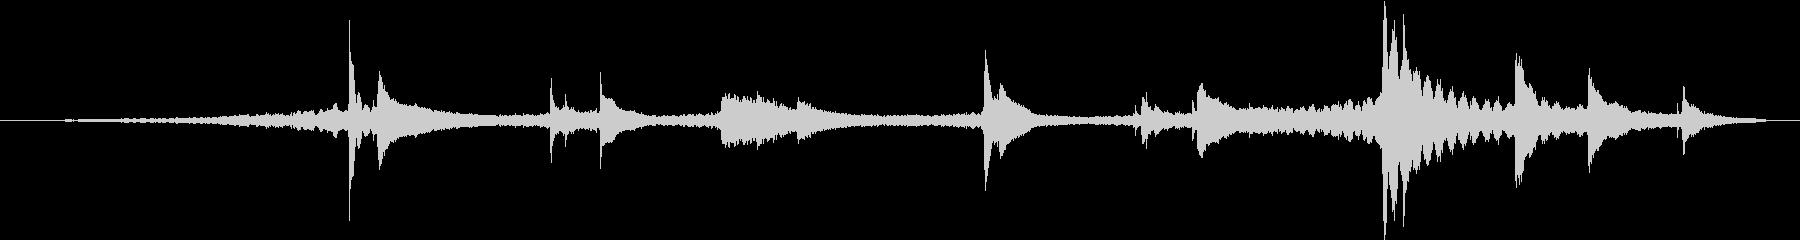 合唱の背景を持つドラマチックなピア...の未再生の波形